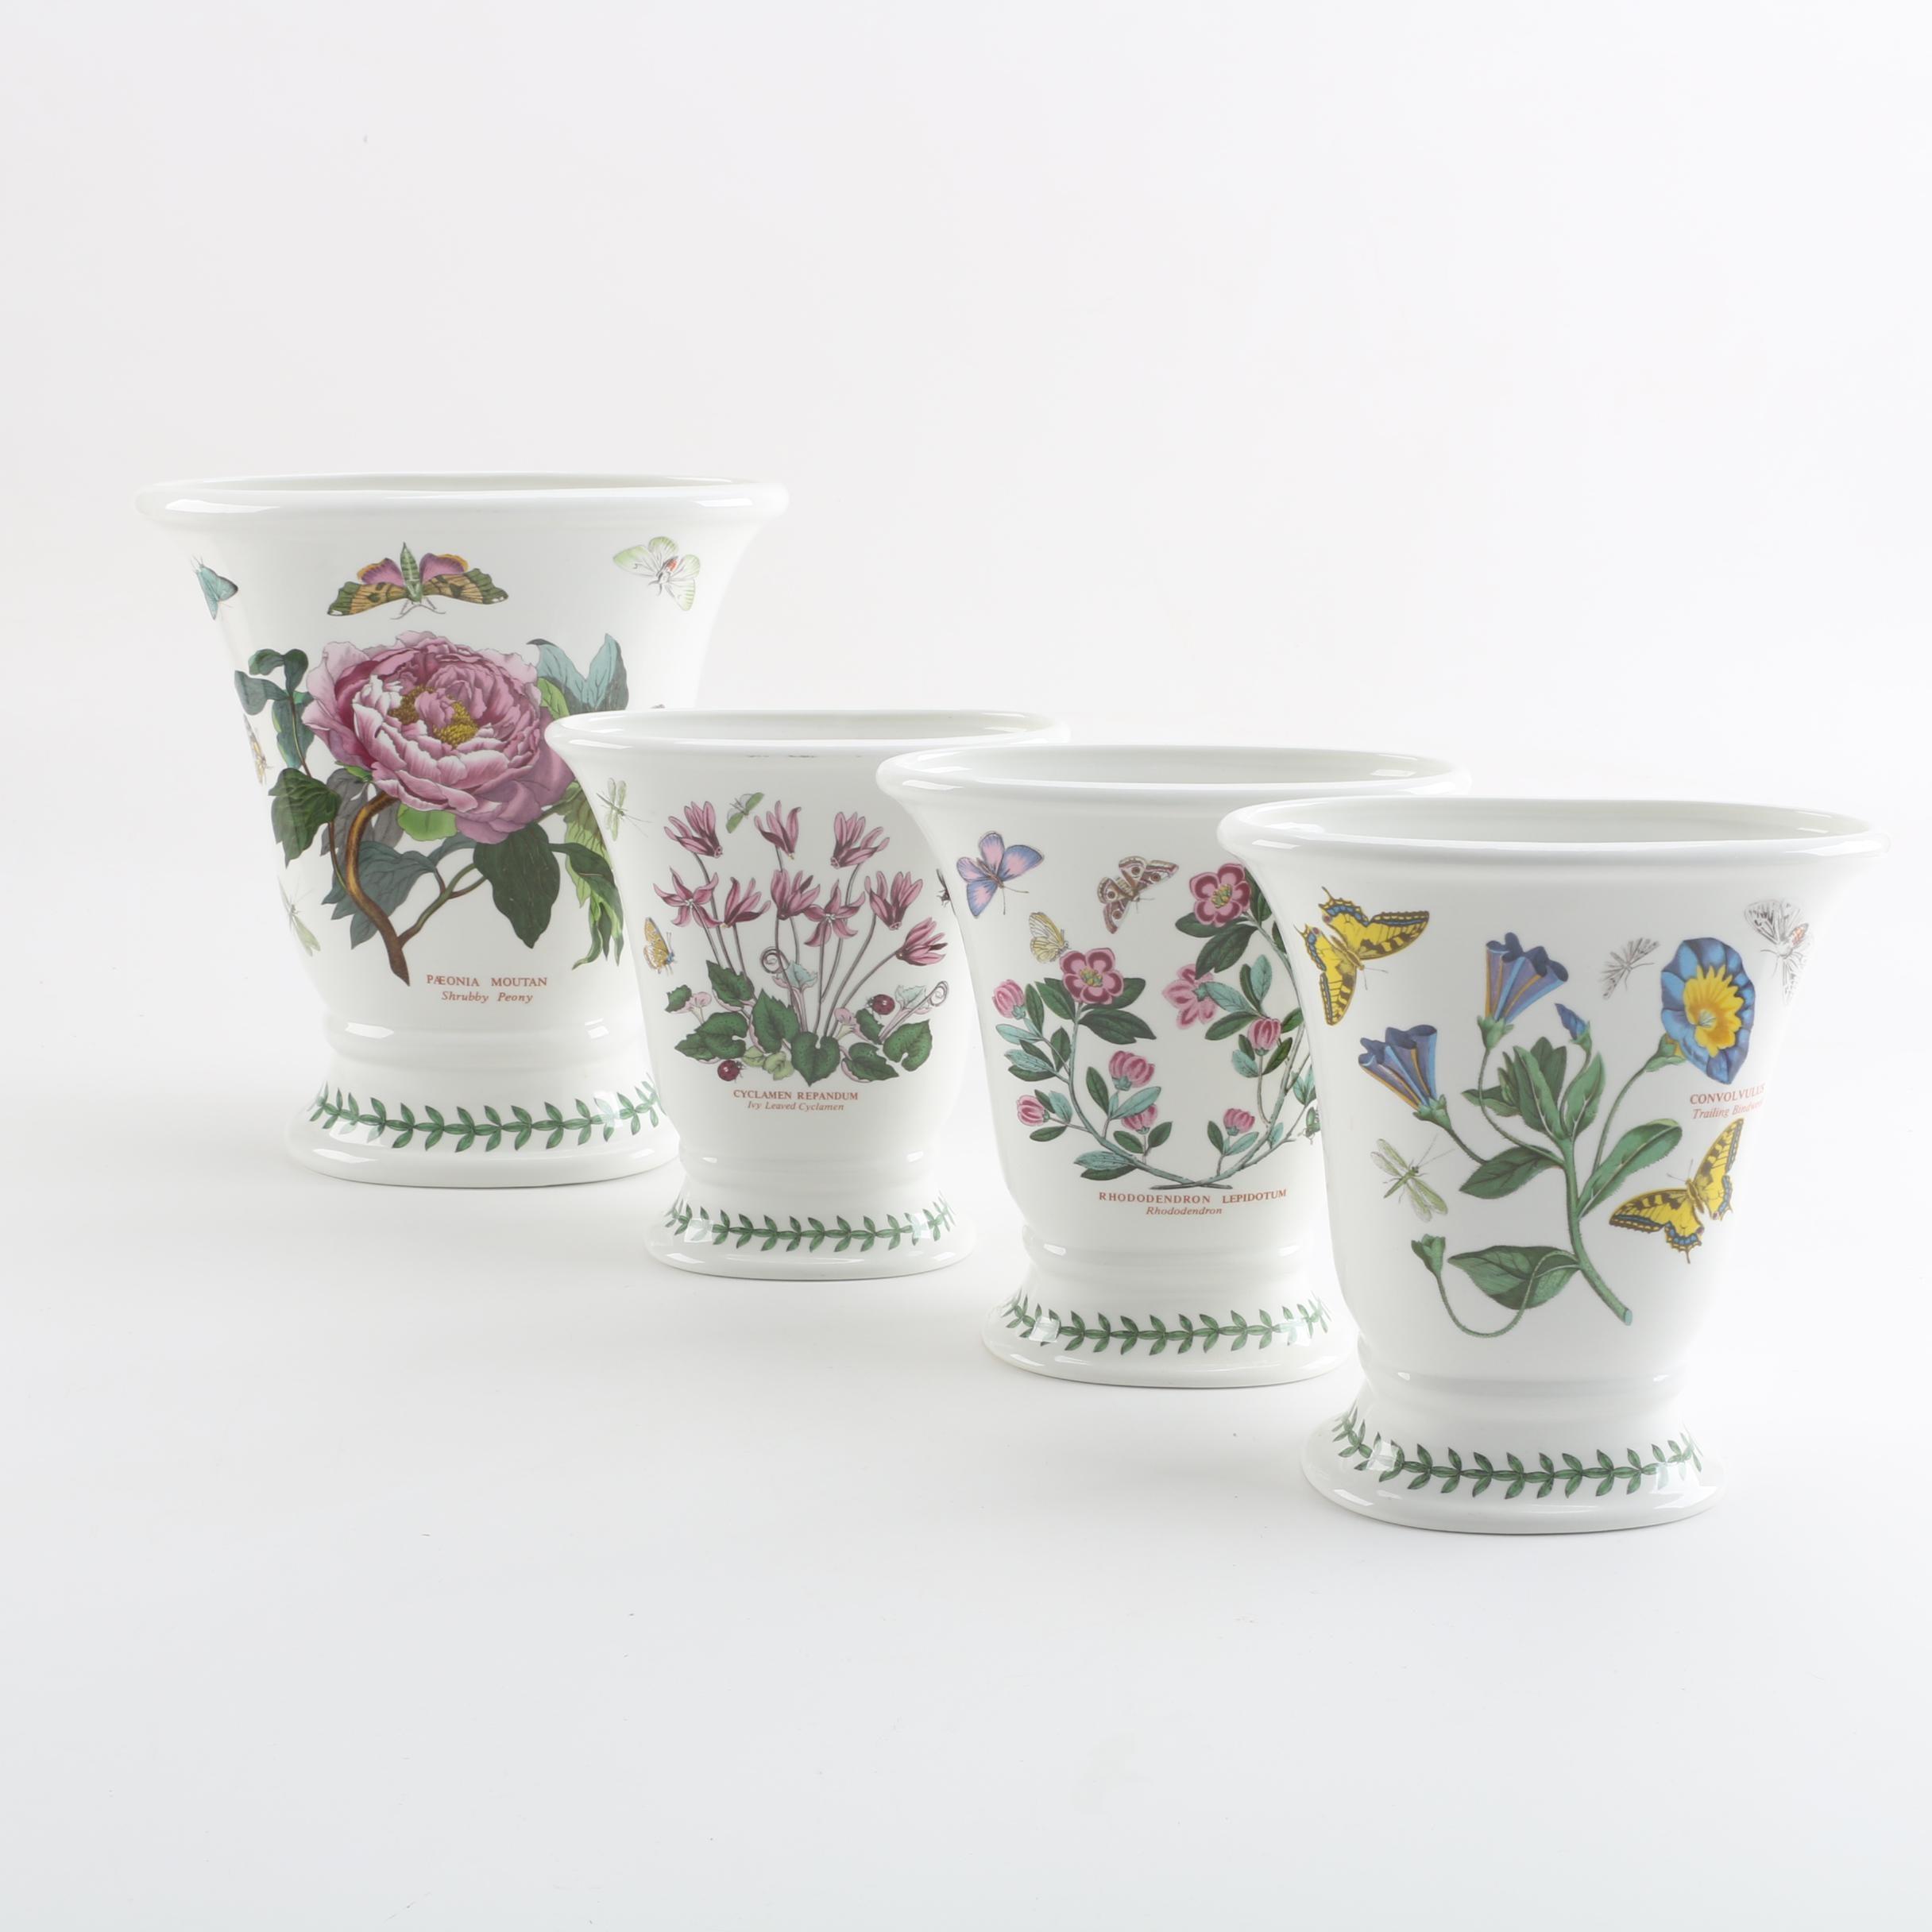 """Portmeirion """"Botanic Garden"""" Vases by Susan Williams Ellis"""